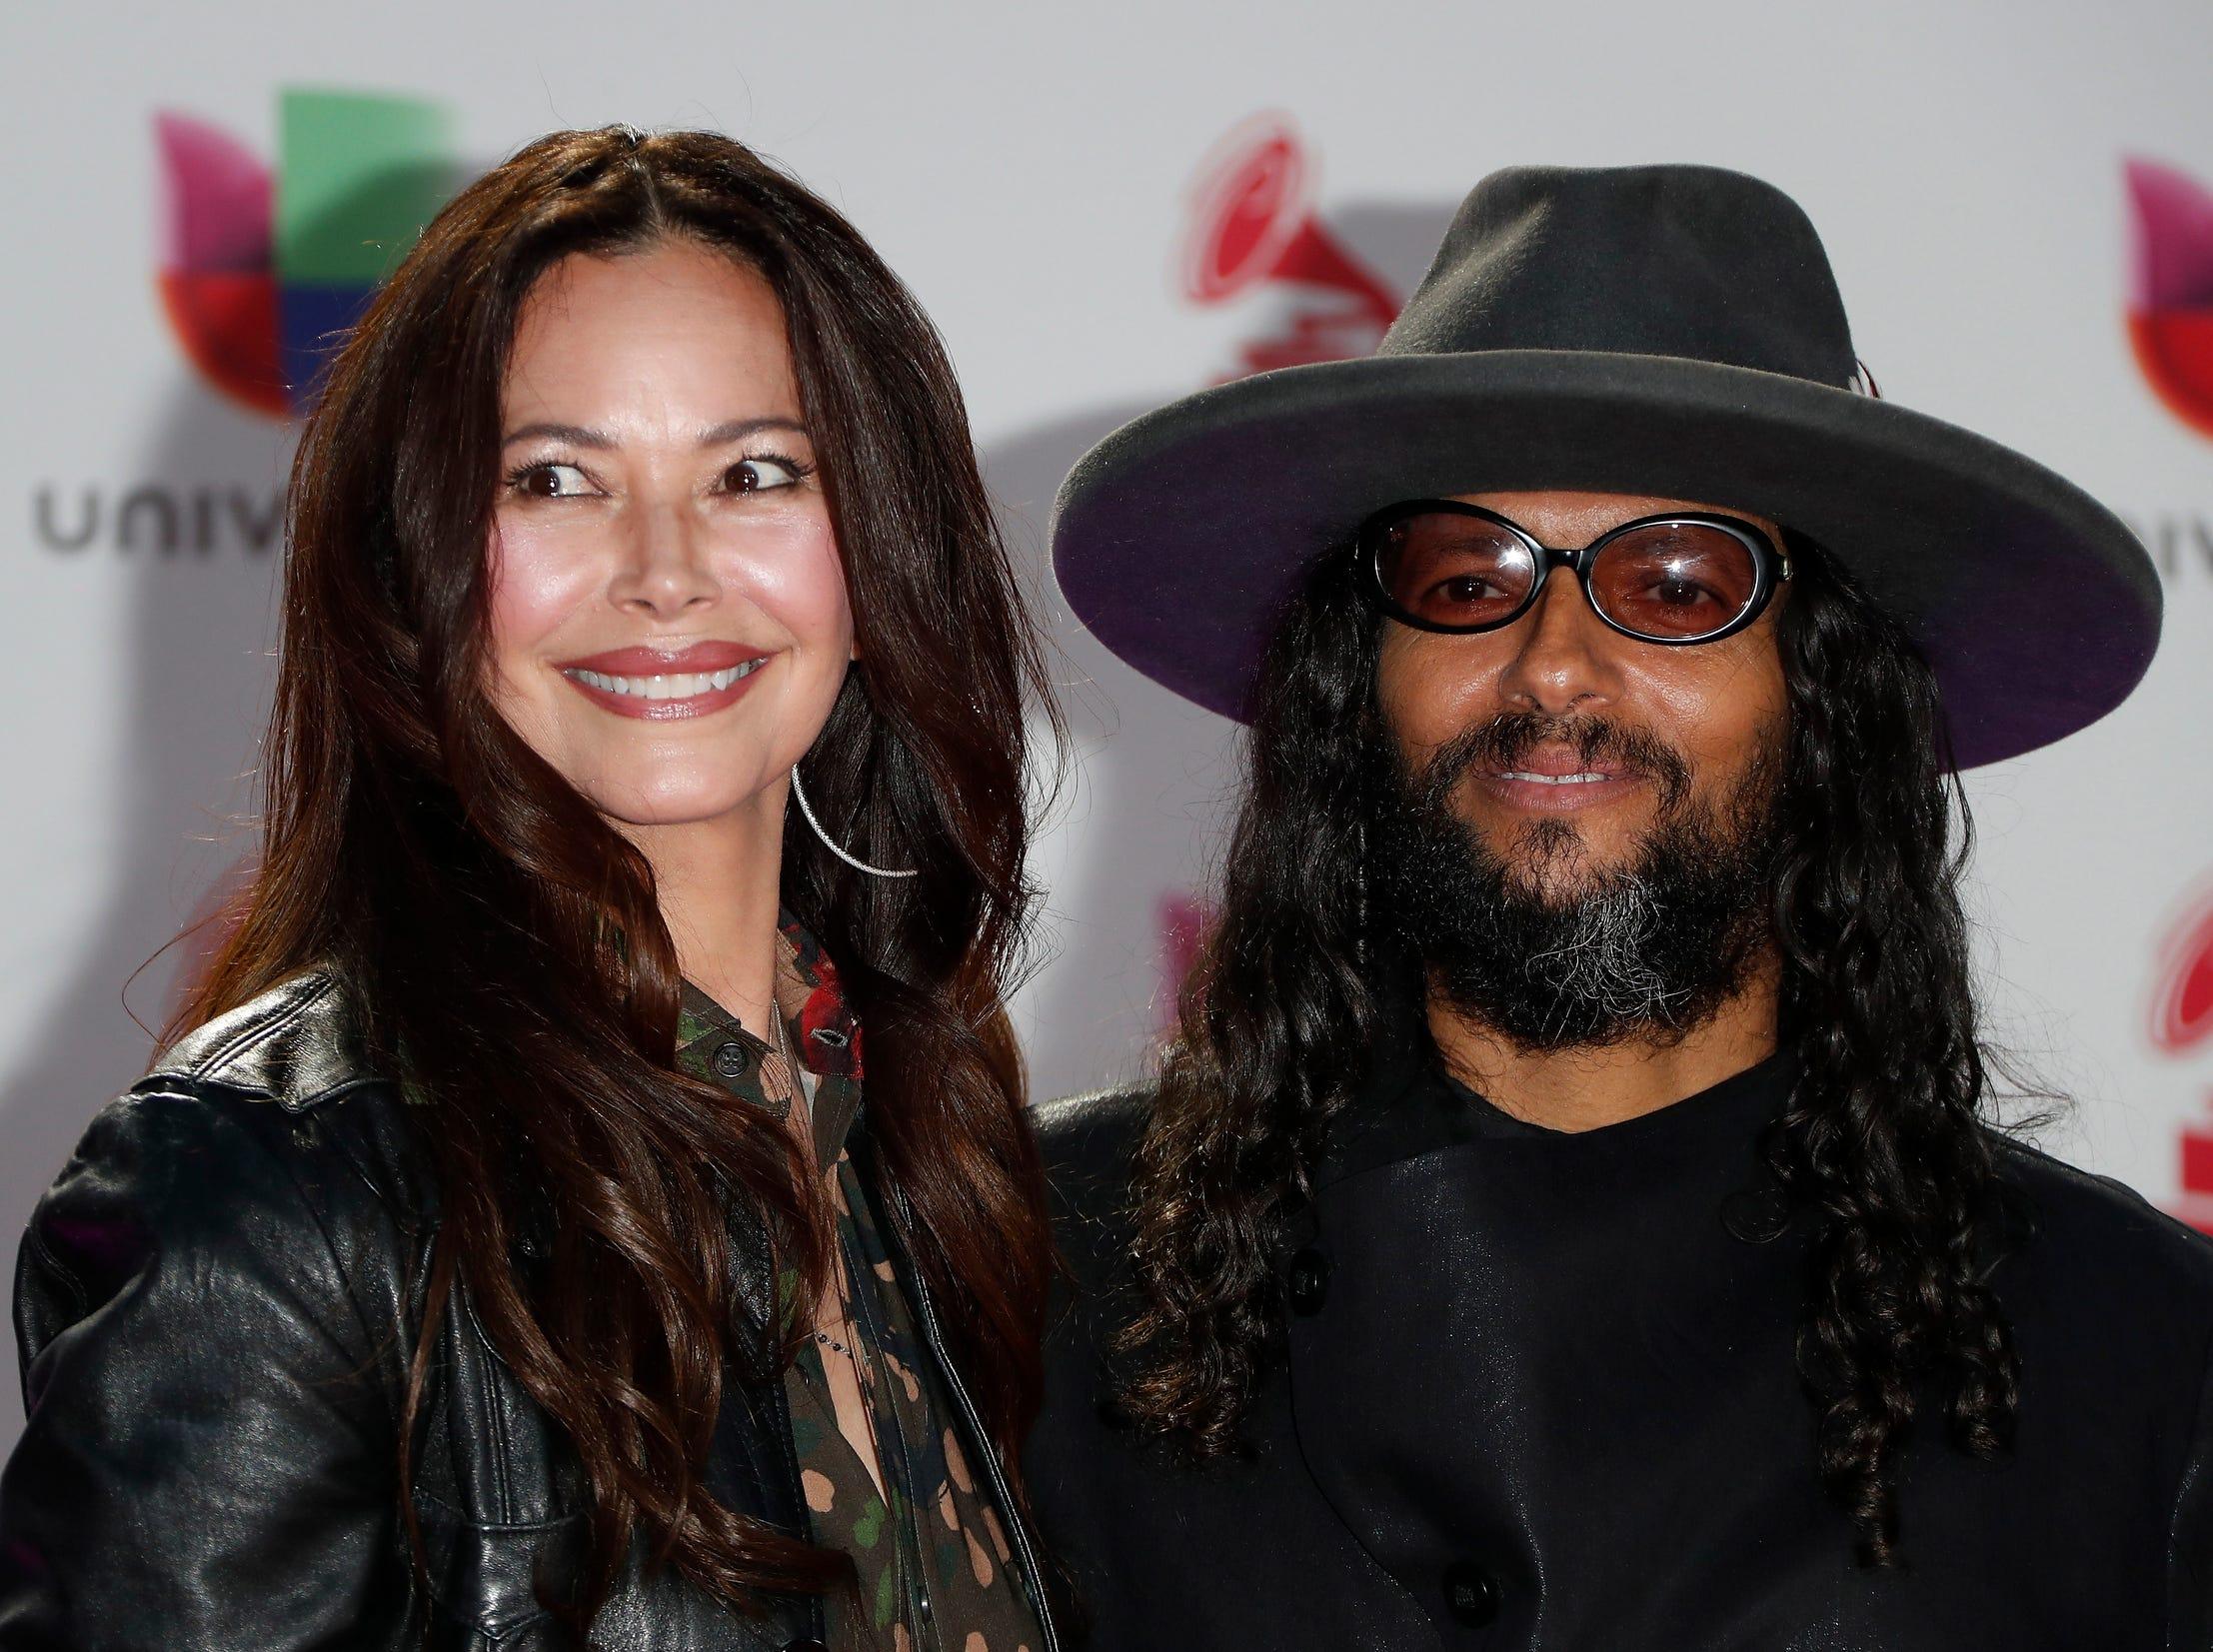 Angela Alvarado and Draco Rosa